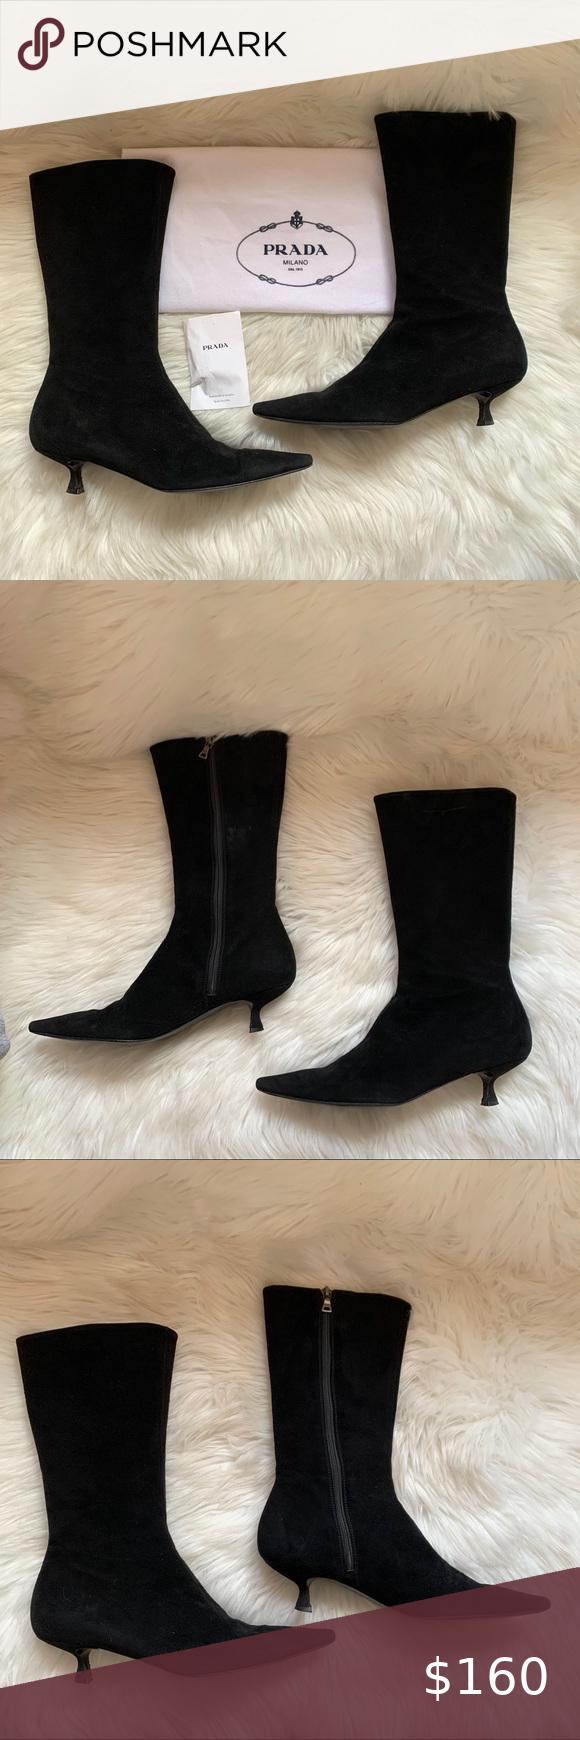 Prada Milano Suede Mid Calf Kitten Heel Boots In 2020 Kitten Heel Boots Shoes Women Heels Kitten Heels